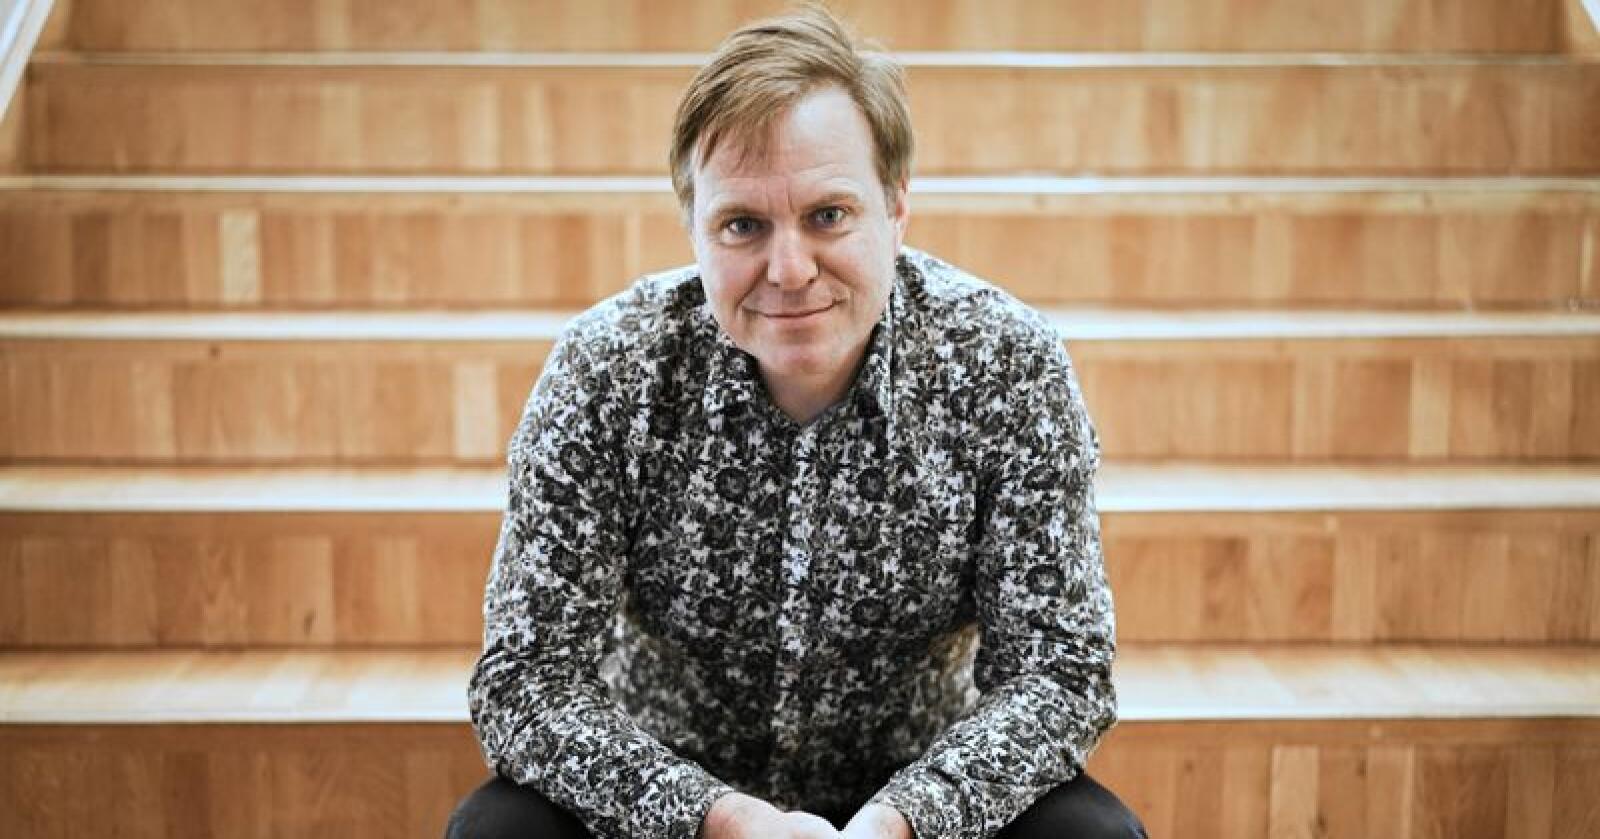 Alfred Bjørlo trekkes fram av flere som en kandidat til å gå inn i ledertrioen i Venstre. Foto: Benjamin Hernes Vogl